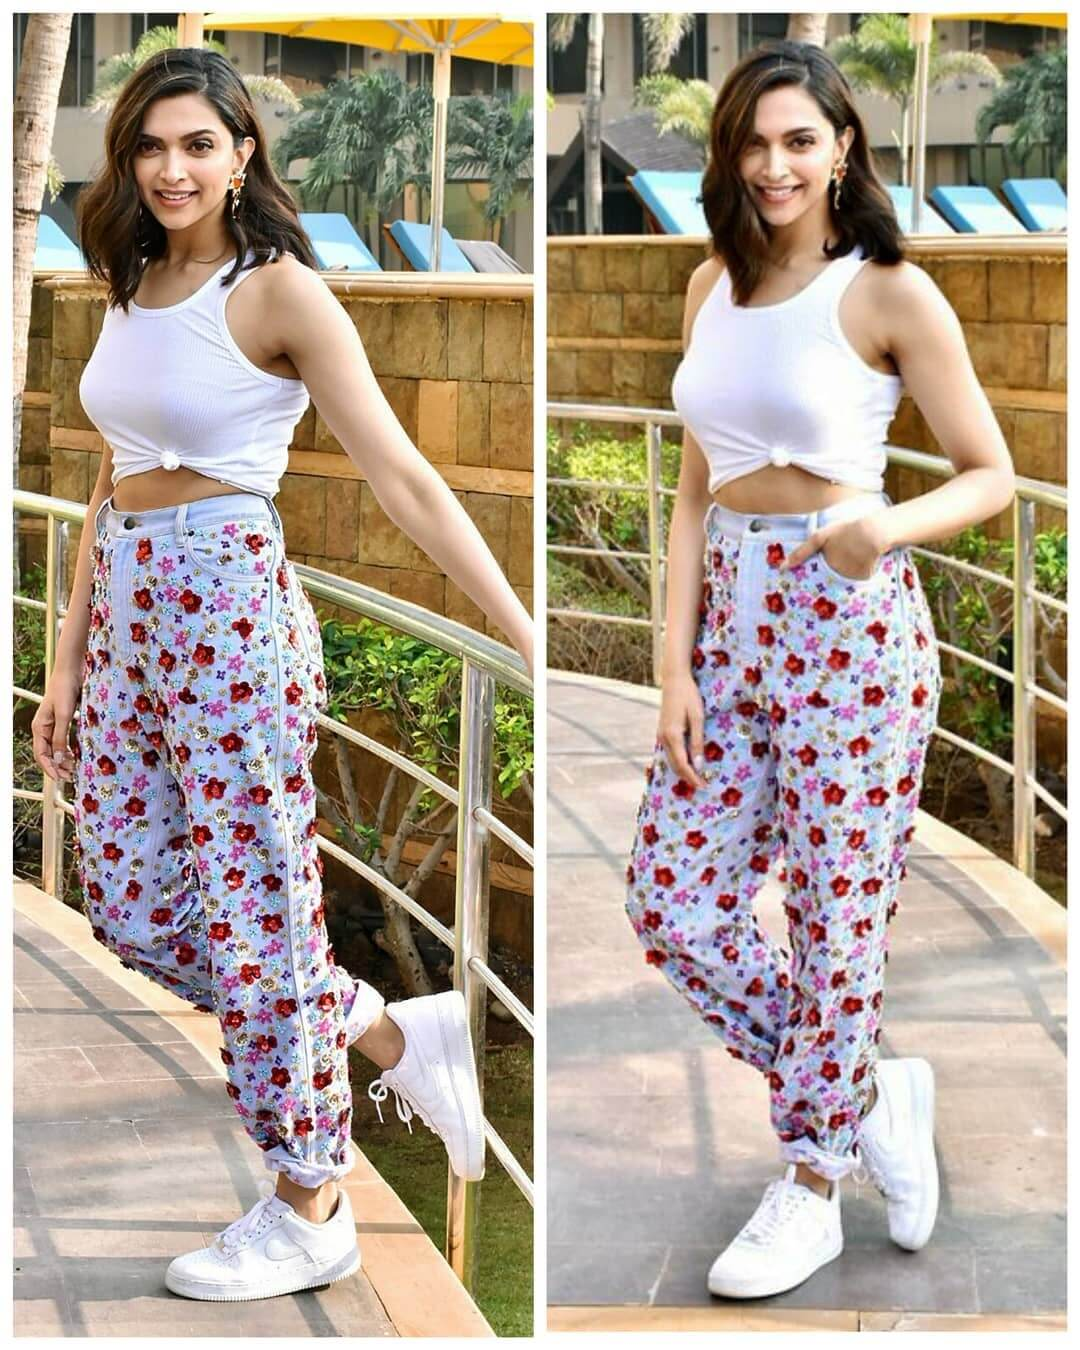 Dazzlerr - Deepika's Unconventional Denim Fits Best in The Spring Season